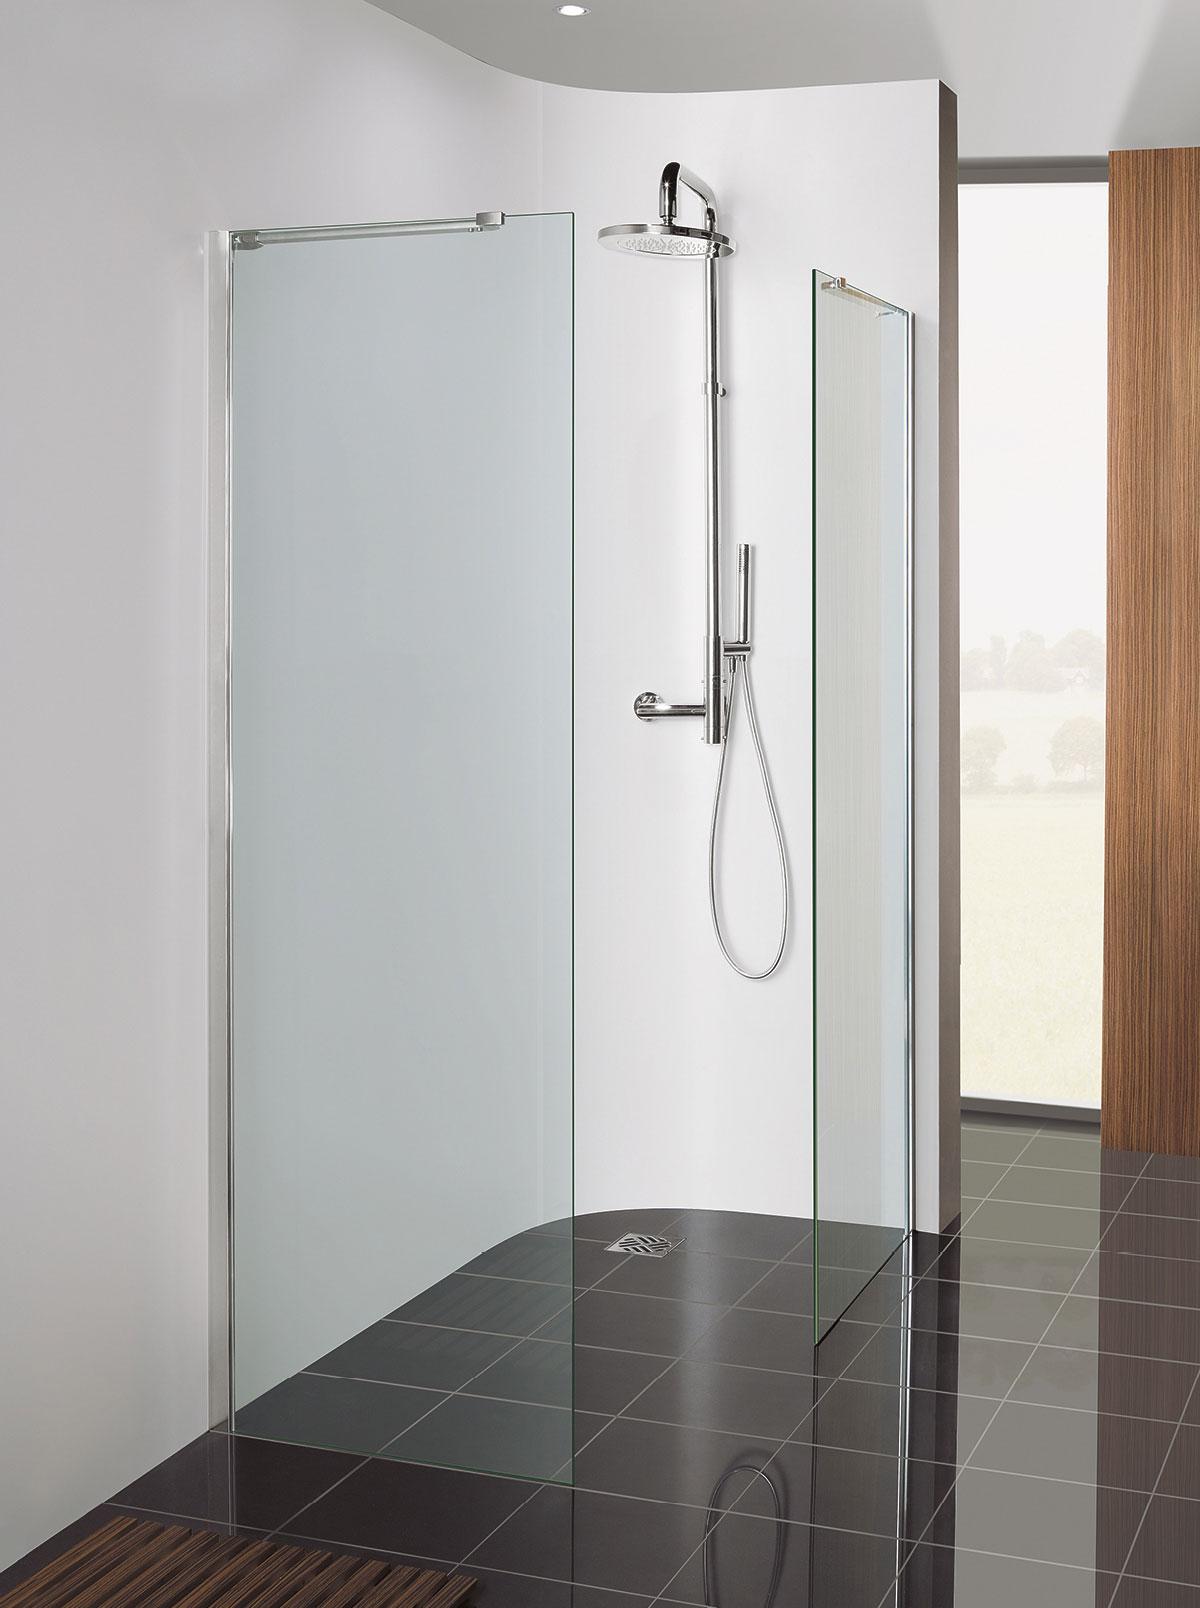 Design Walk In Shower Panel In Design Luxury Bathrooms